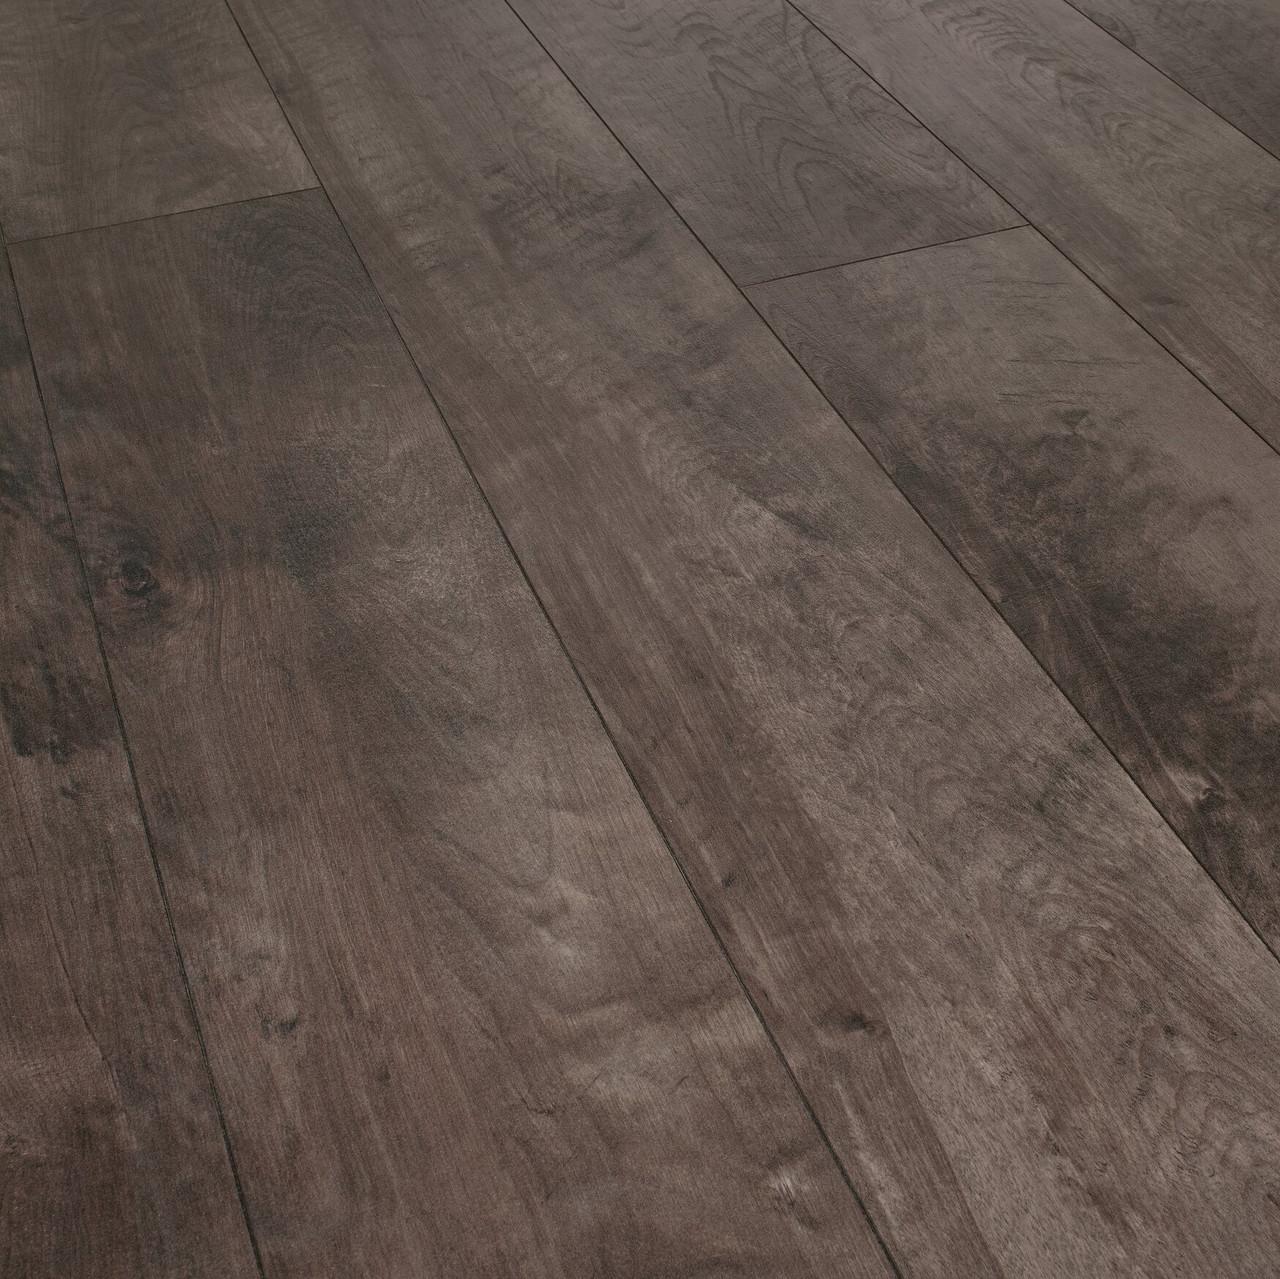 Ламинат Swiss Krono Swiss Noblesse V4 - Carcoal Birch - 3954